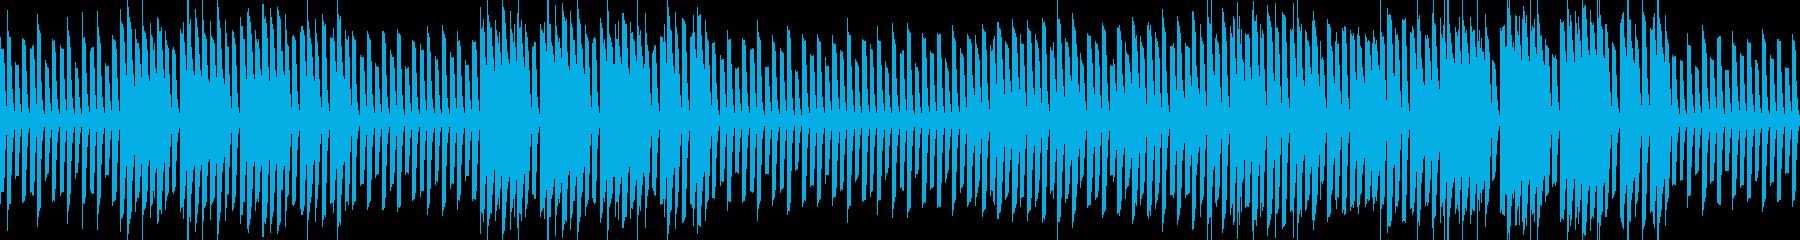 忙しない雰囲気の8bitの再生済みの波形